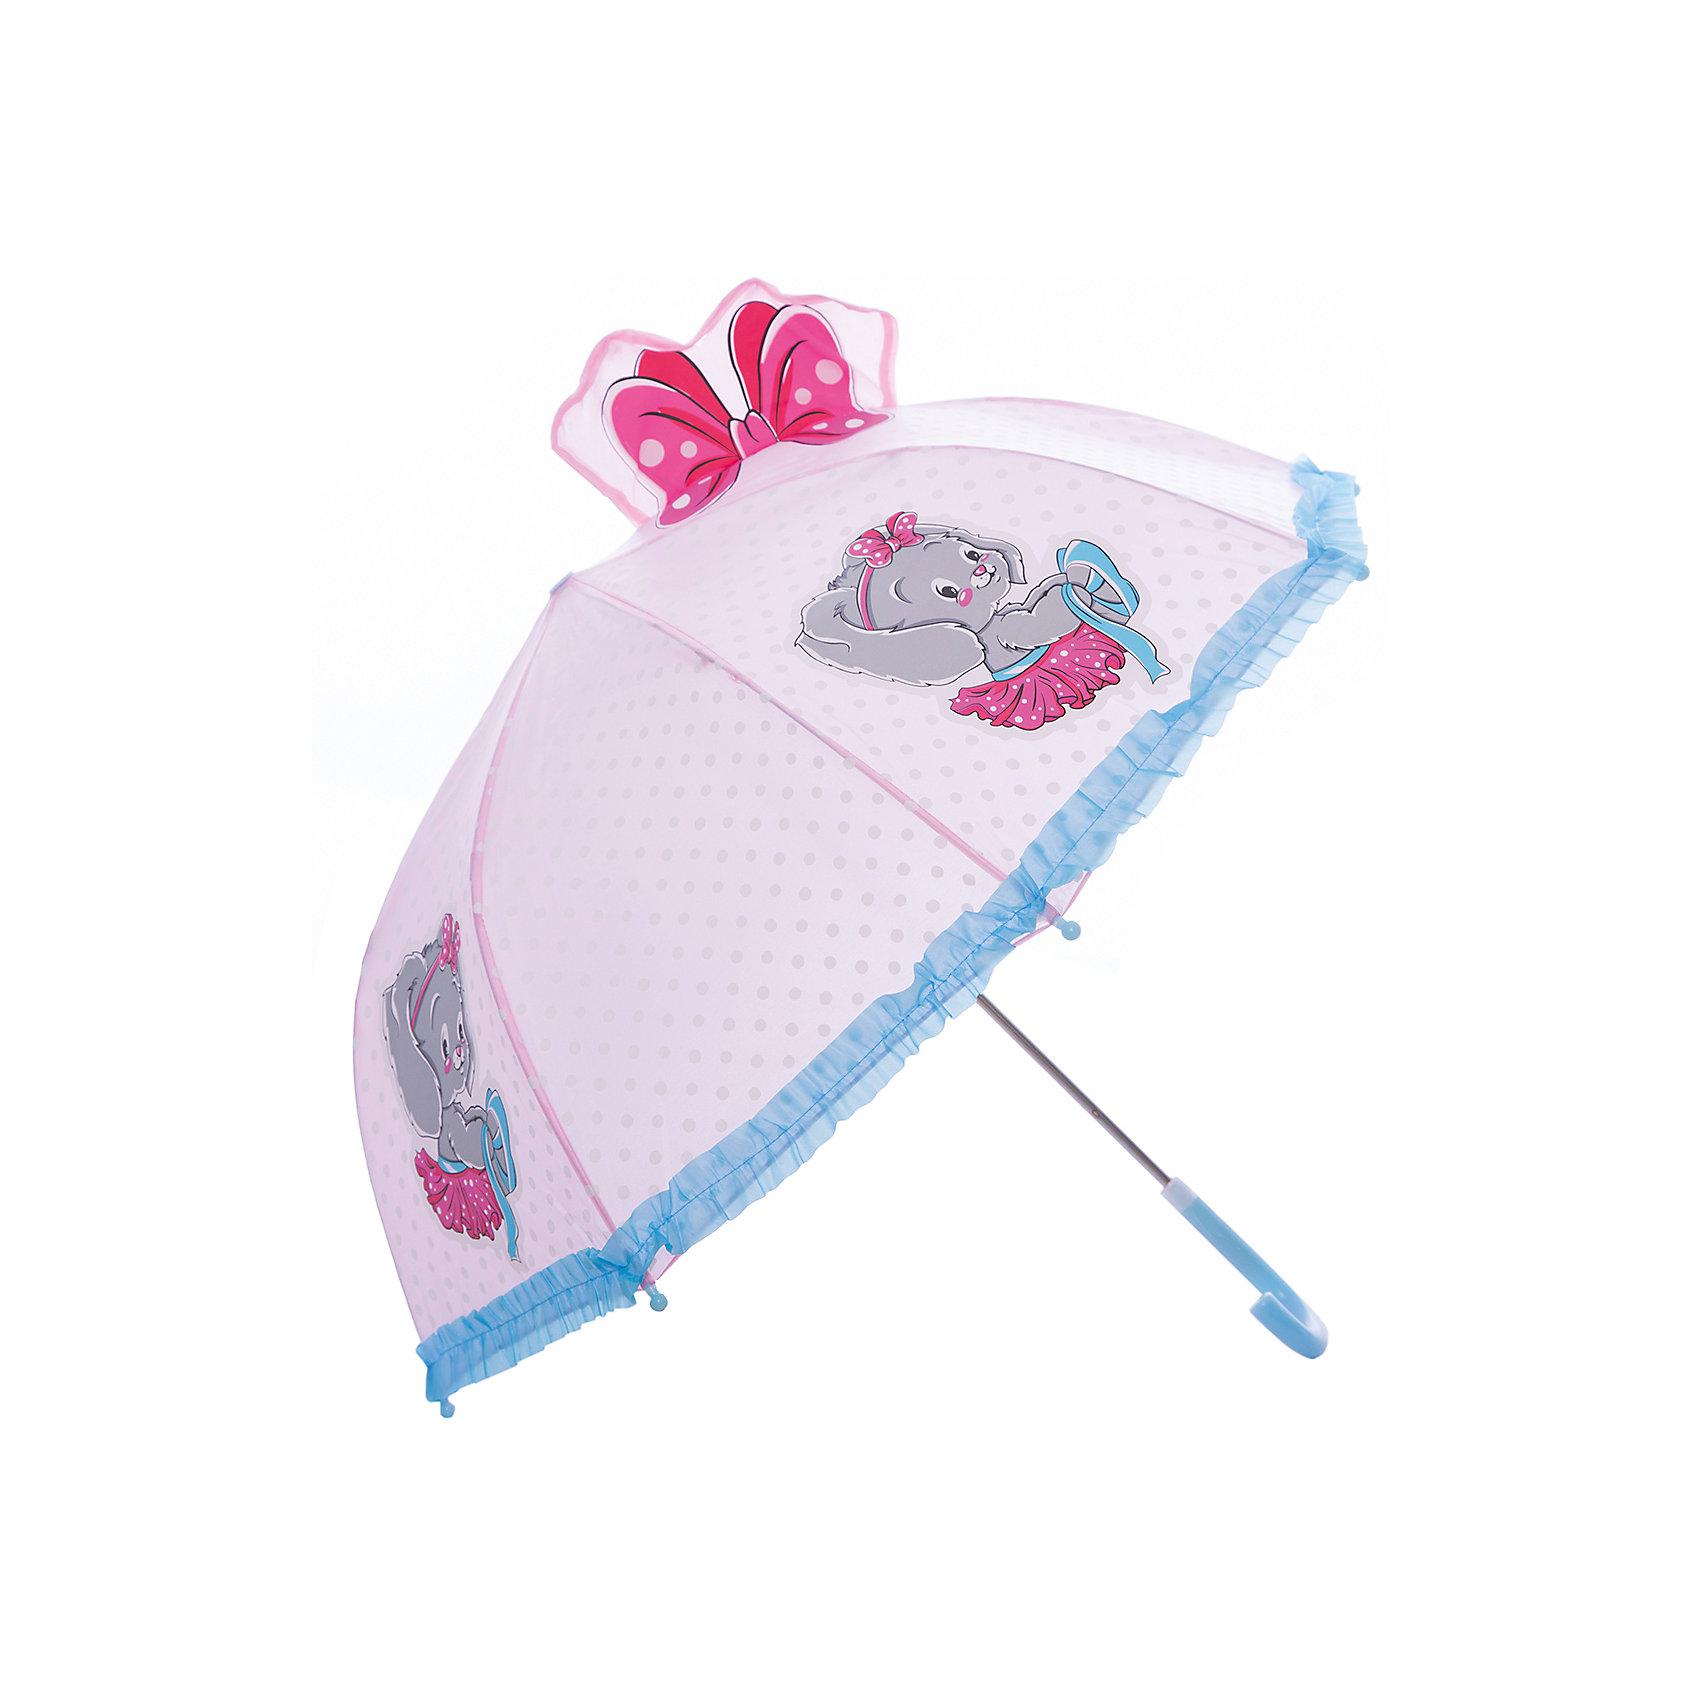 Зонт детский Зайка, 46 см.Яркий и удобный зонтик для малышей Зайка. Радиус: 46 см. Длина ручки: 57 см.<br><br>Ширина мм: 580<br>Глубина мм: 400<br>Высота мм: 400<br>Вес г: 250<br>Возраст от месяцев: 36<br>Возраст до месяцев: 2147483647<br>Пол: Женский<br>Возраст: Детский<br>SKU: 5508509